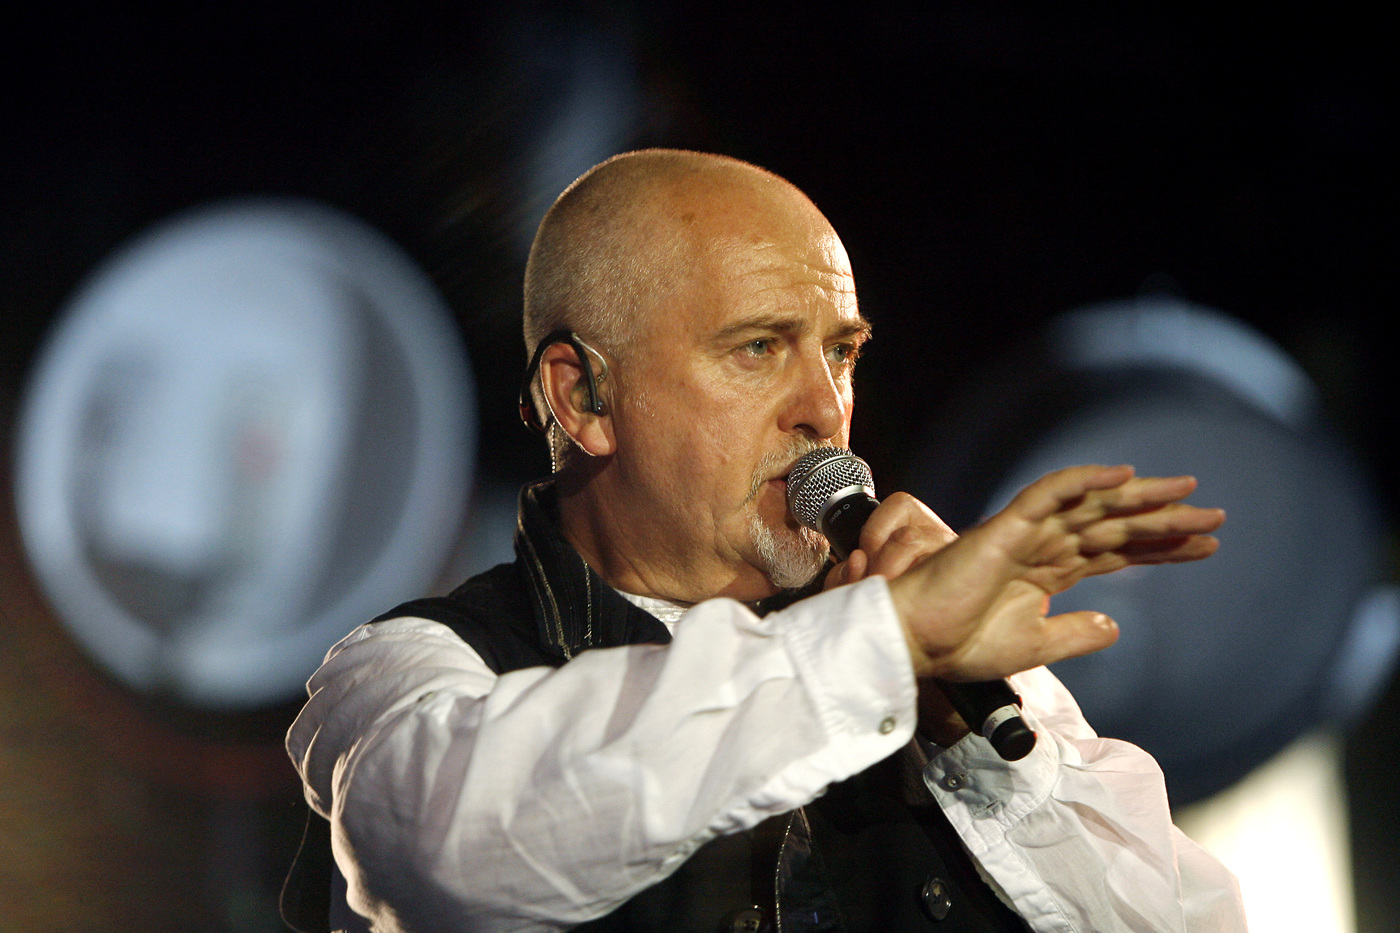 Peter Gabriel mette in rete il concerto a Verona del 2010 per raccogliere fondi per l'Italia